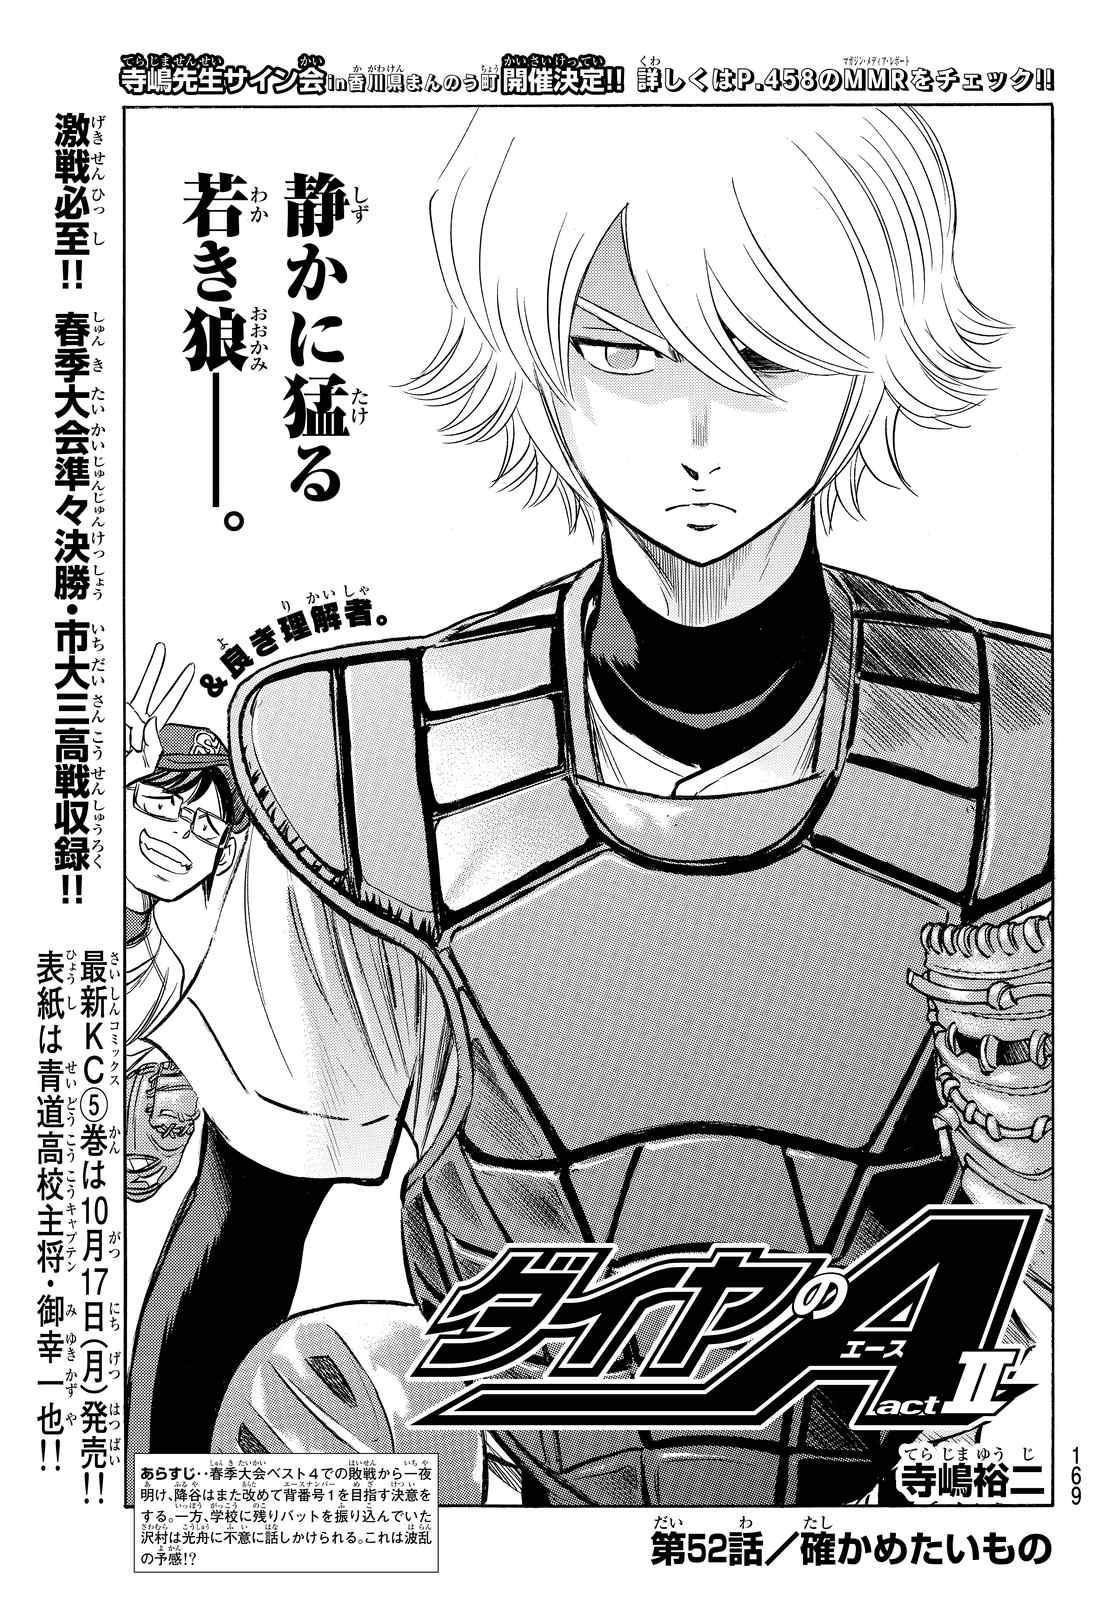 Daiya no A Act II - Chapter 052 - Page 1